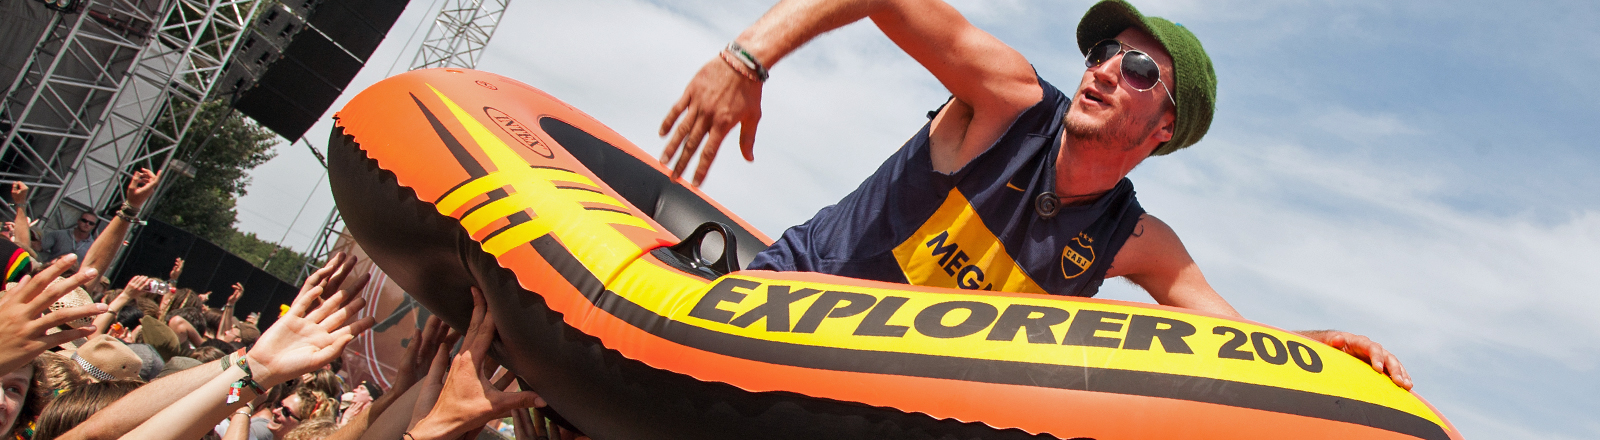 Michael Fritz von Viva con Agua beim Crowdsurfing im Schlauchboot.